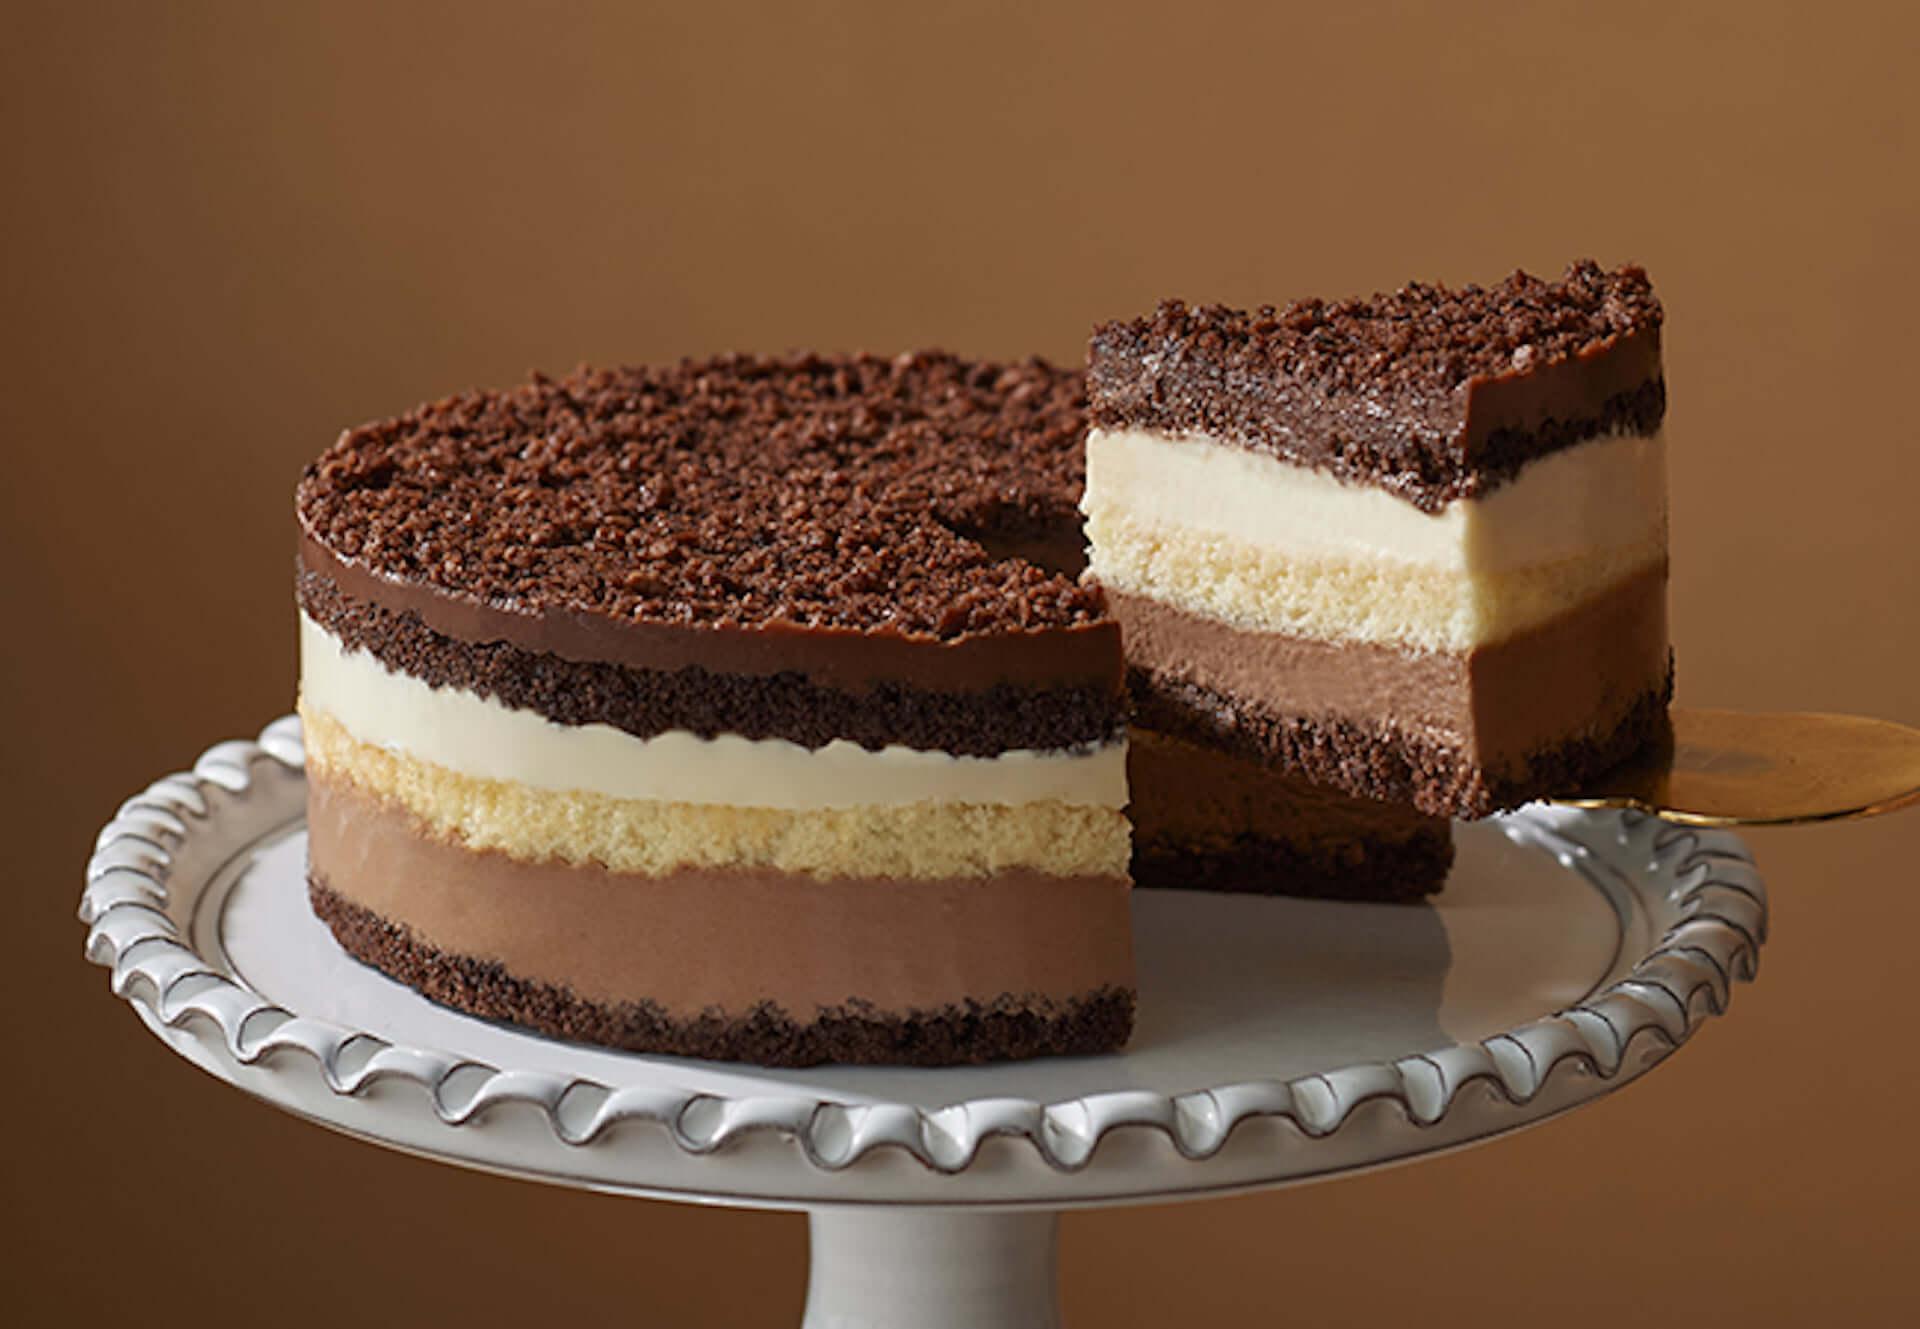 豪華7層のチョコレートケーキ『クーシュドショコラ』が小樽洋菓子舗ルタオから登場!バレンタイン期間限定で販売中 gourmet210128_letao_3-1920x1329